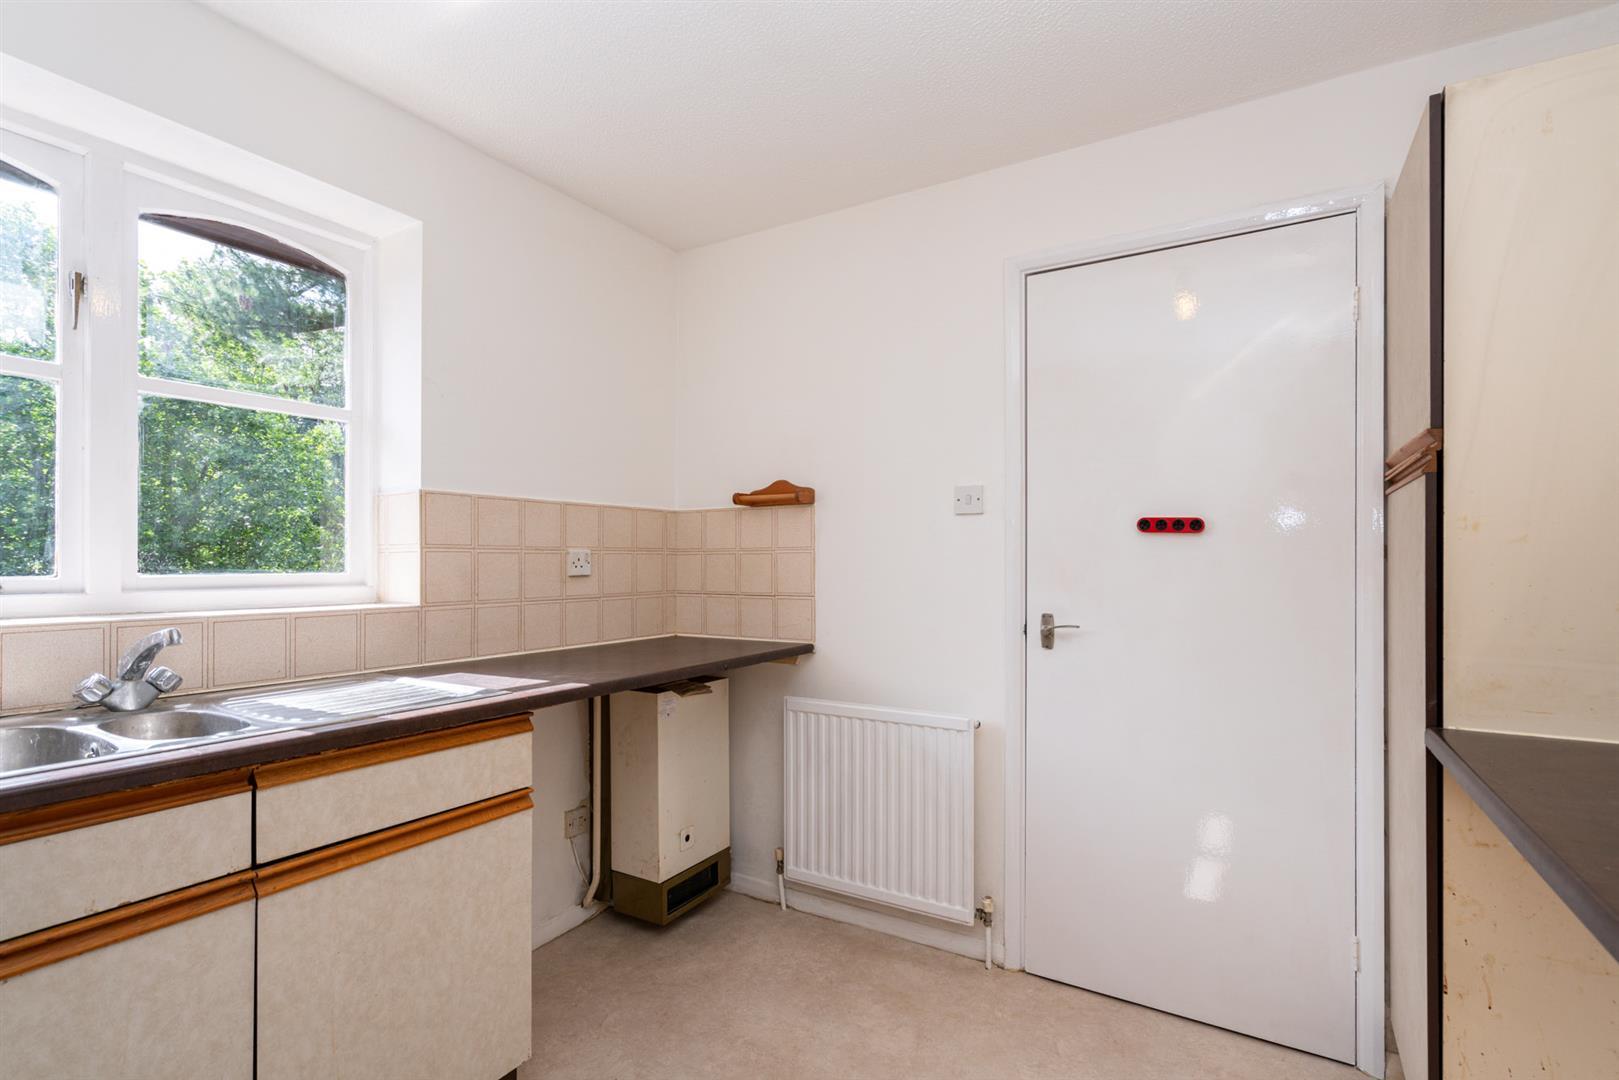 37-Old-Mill-Gardens-2062 - kitchen 1.jpg